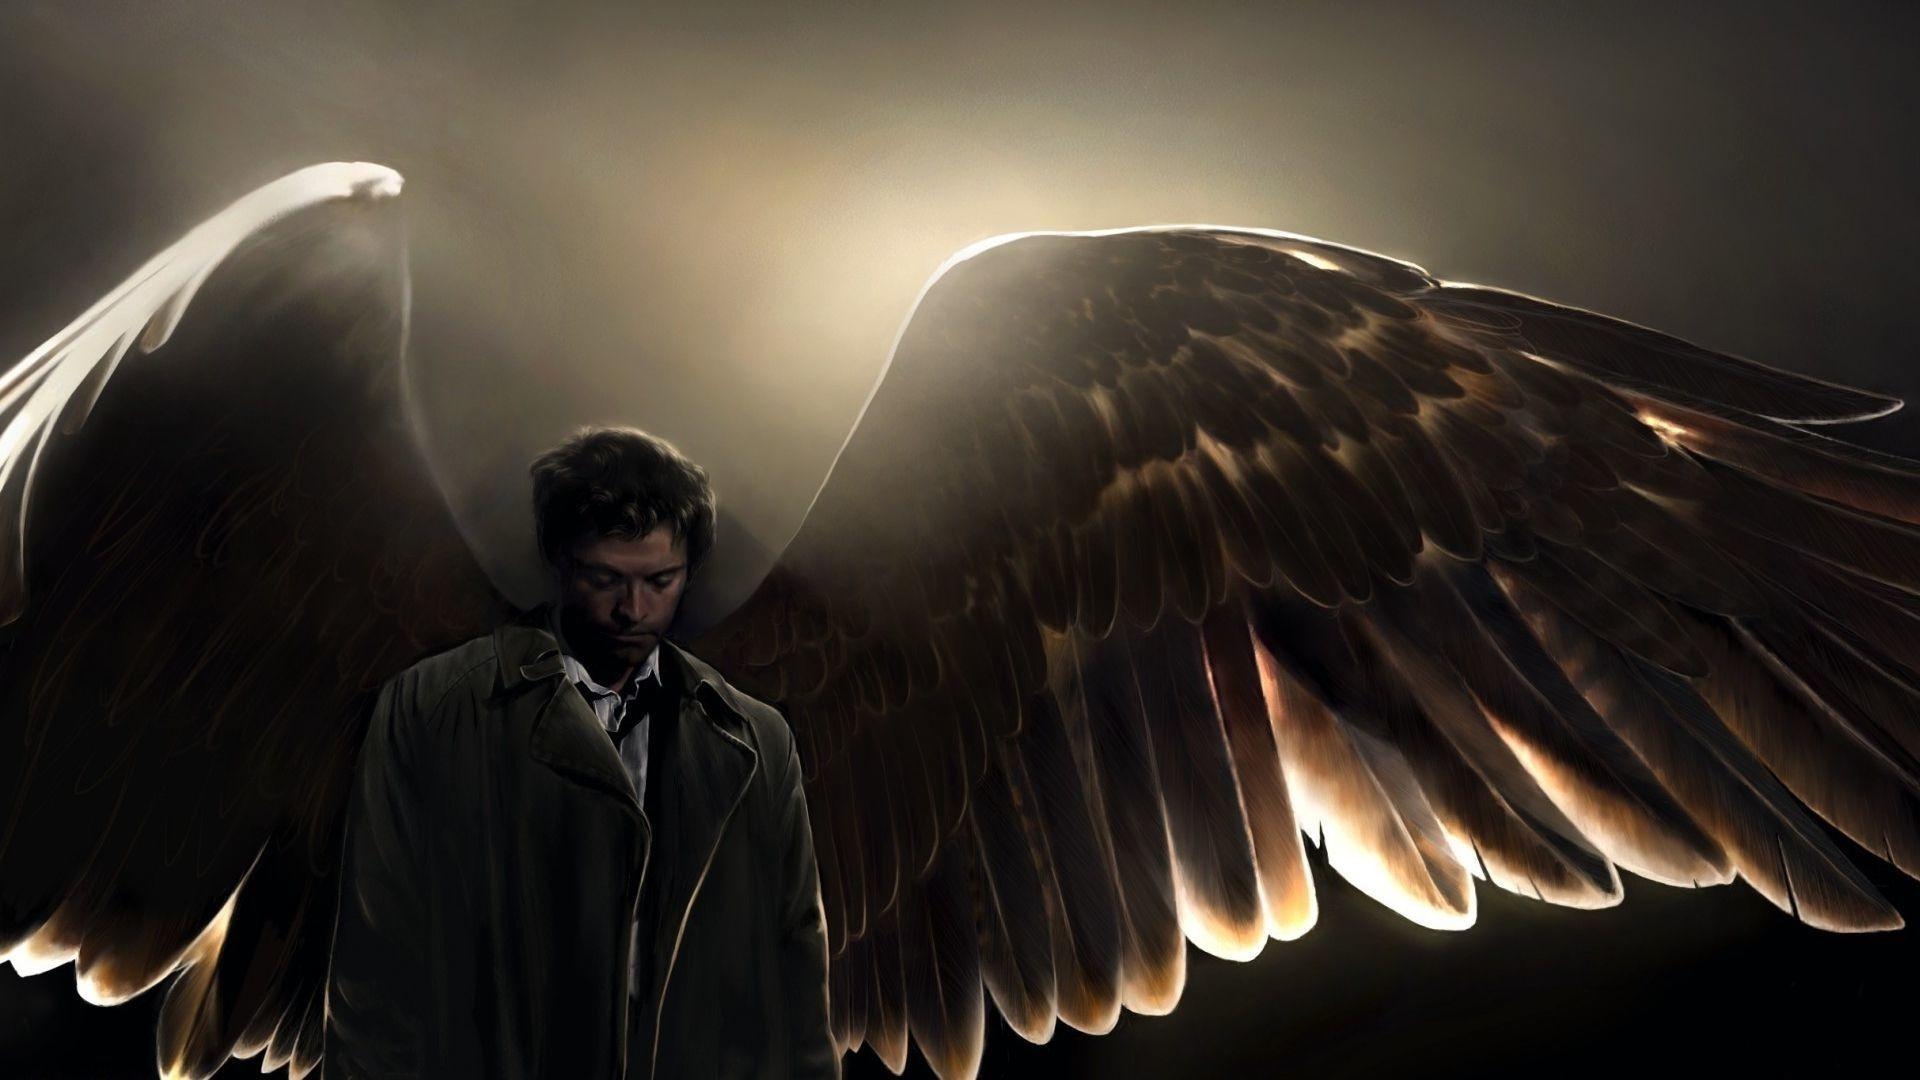 Castiel Supernatural Iphone HD Wallpaper.